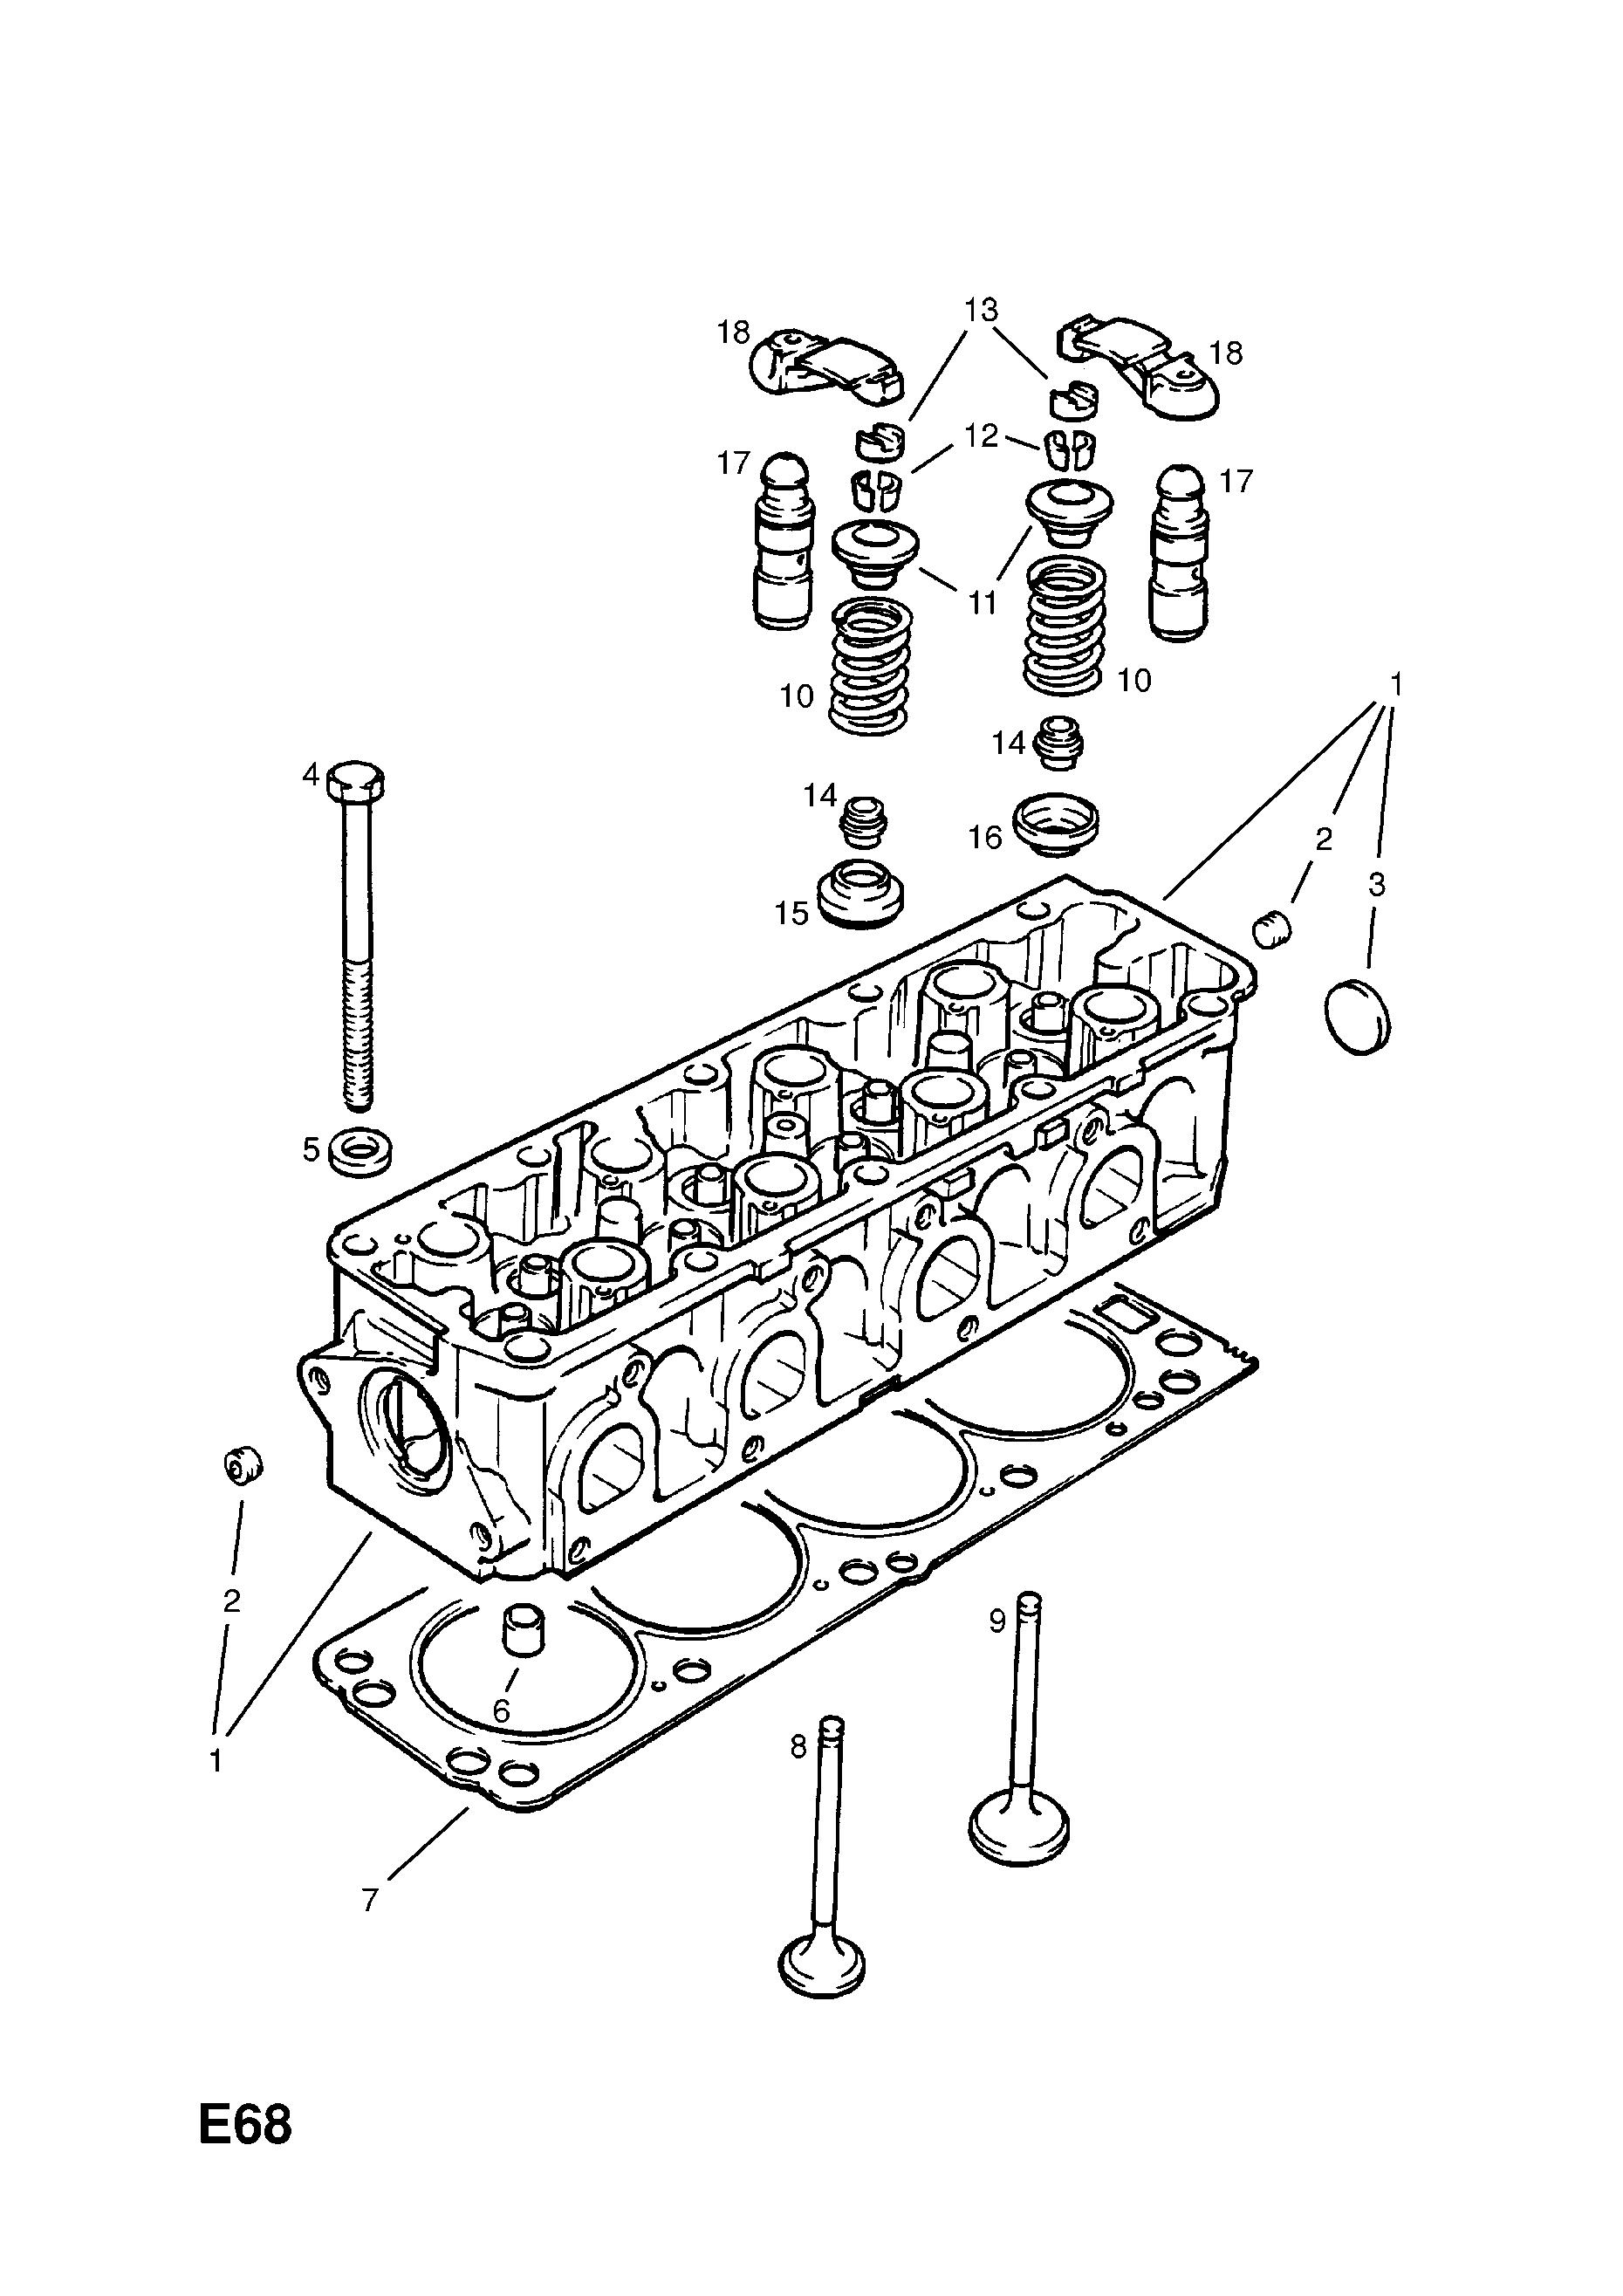 lx9 engine diagram